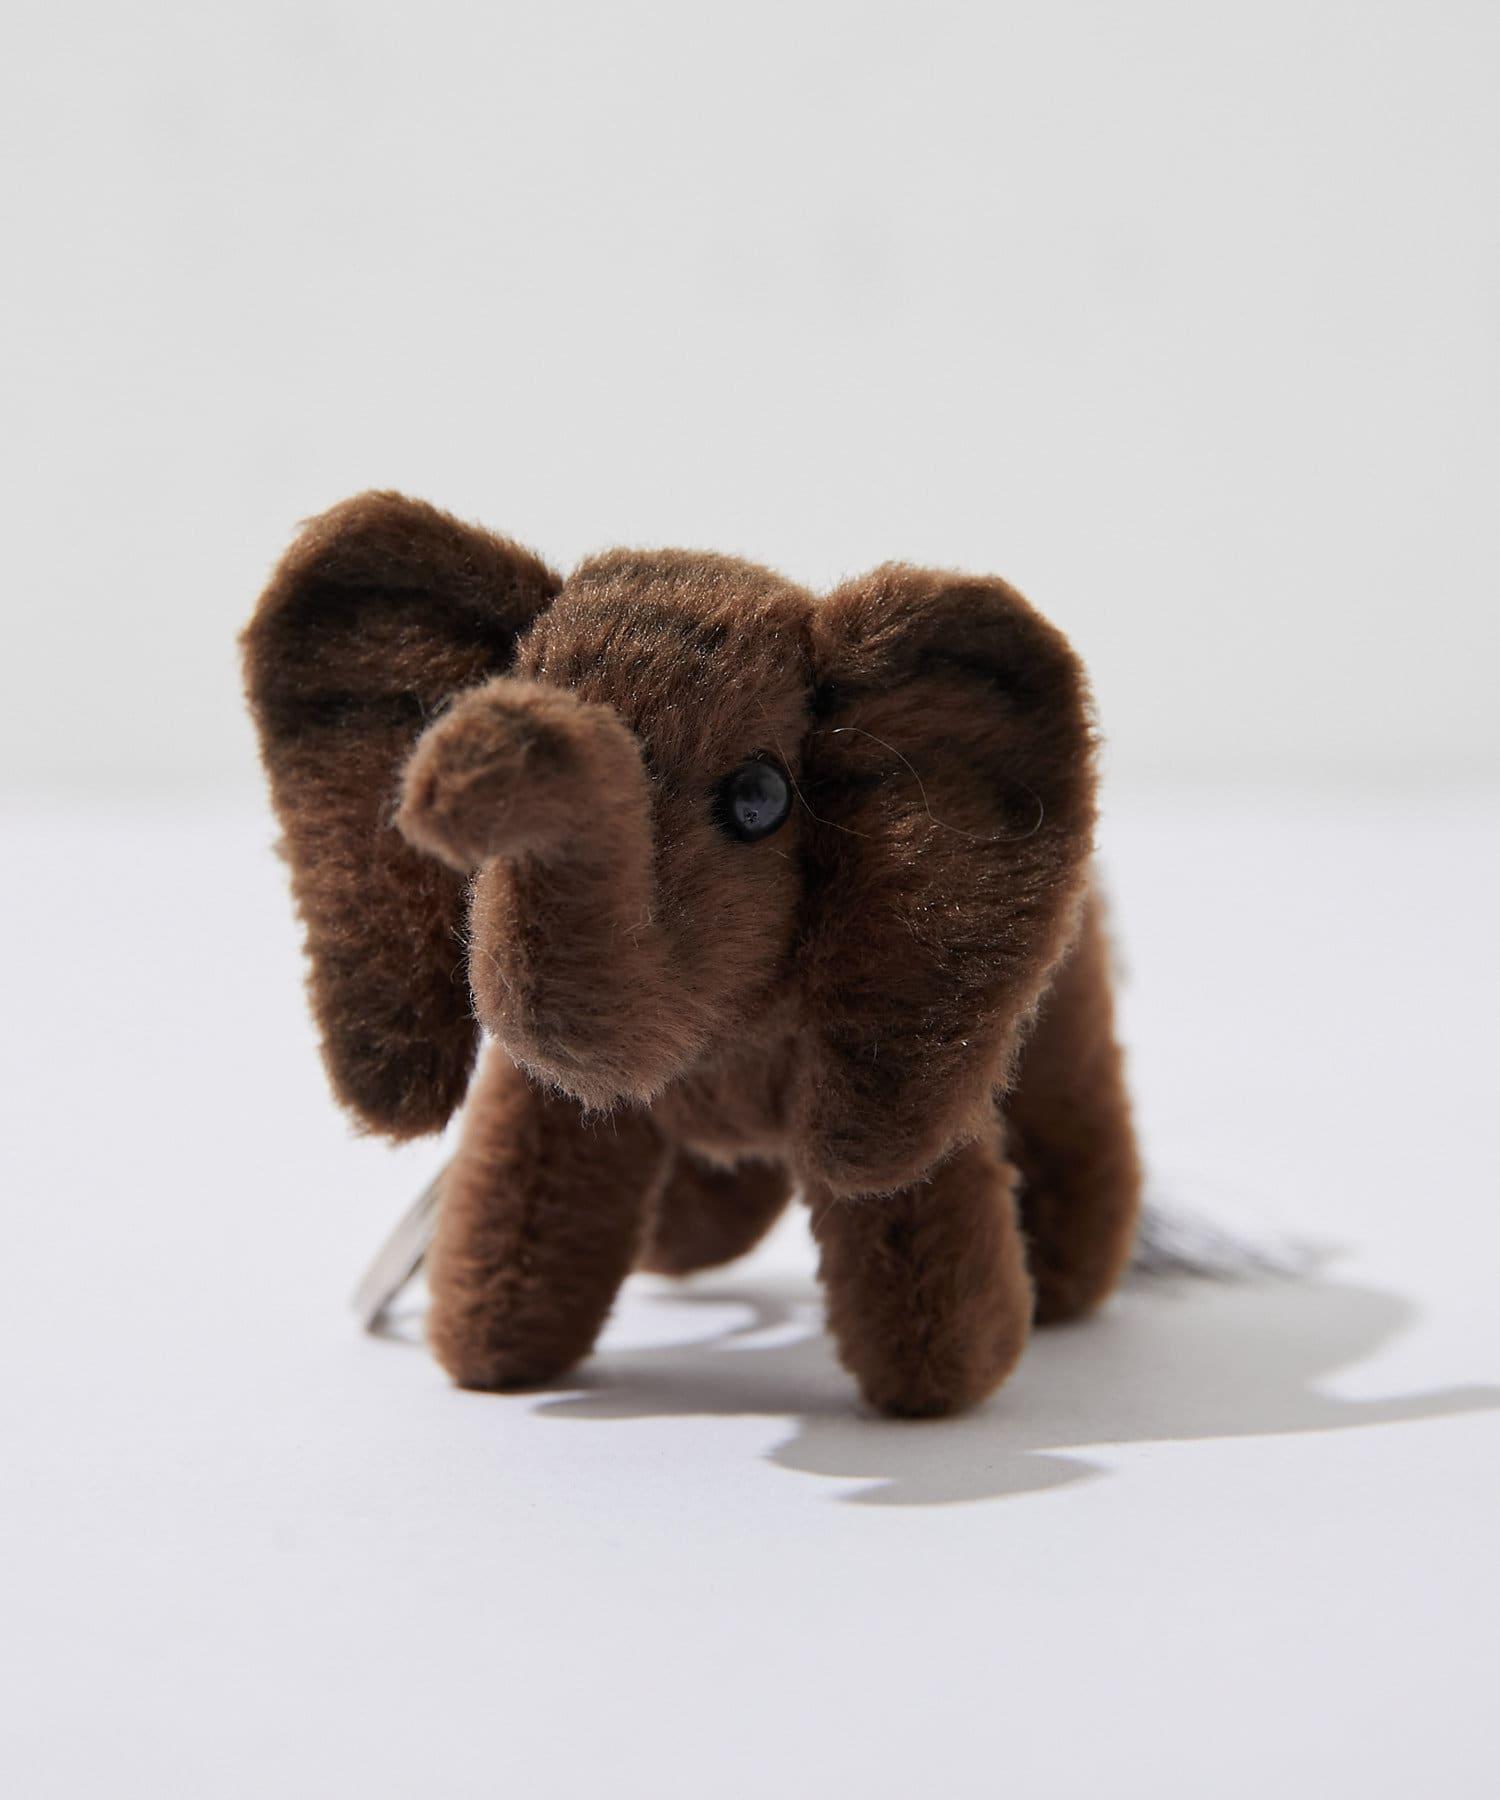 BONbazaar(ボンバザール) ライフスタイル 【HANSA】キーチェーンゾウ ELEPHANT KC カラーなし